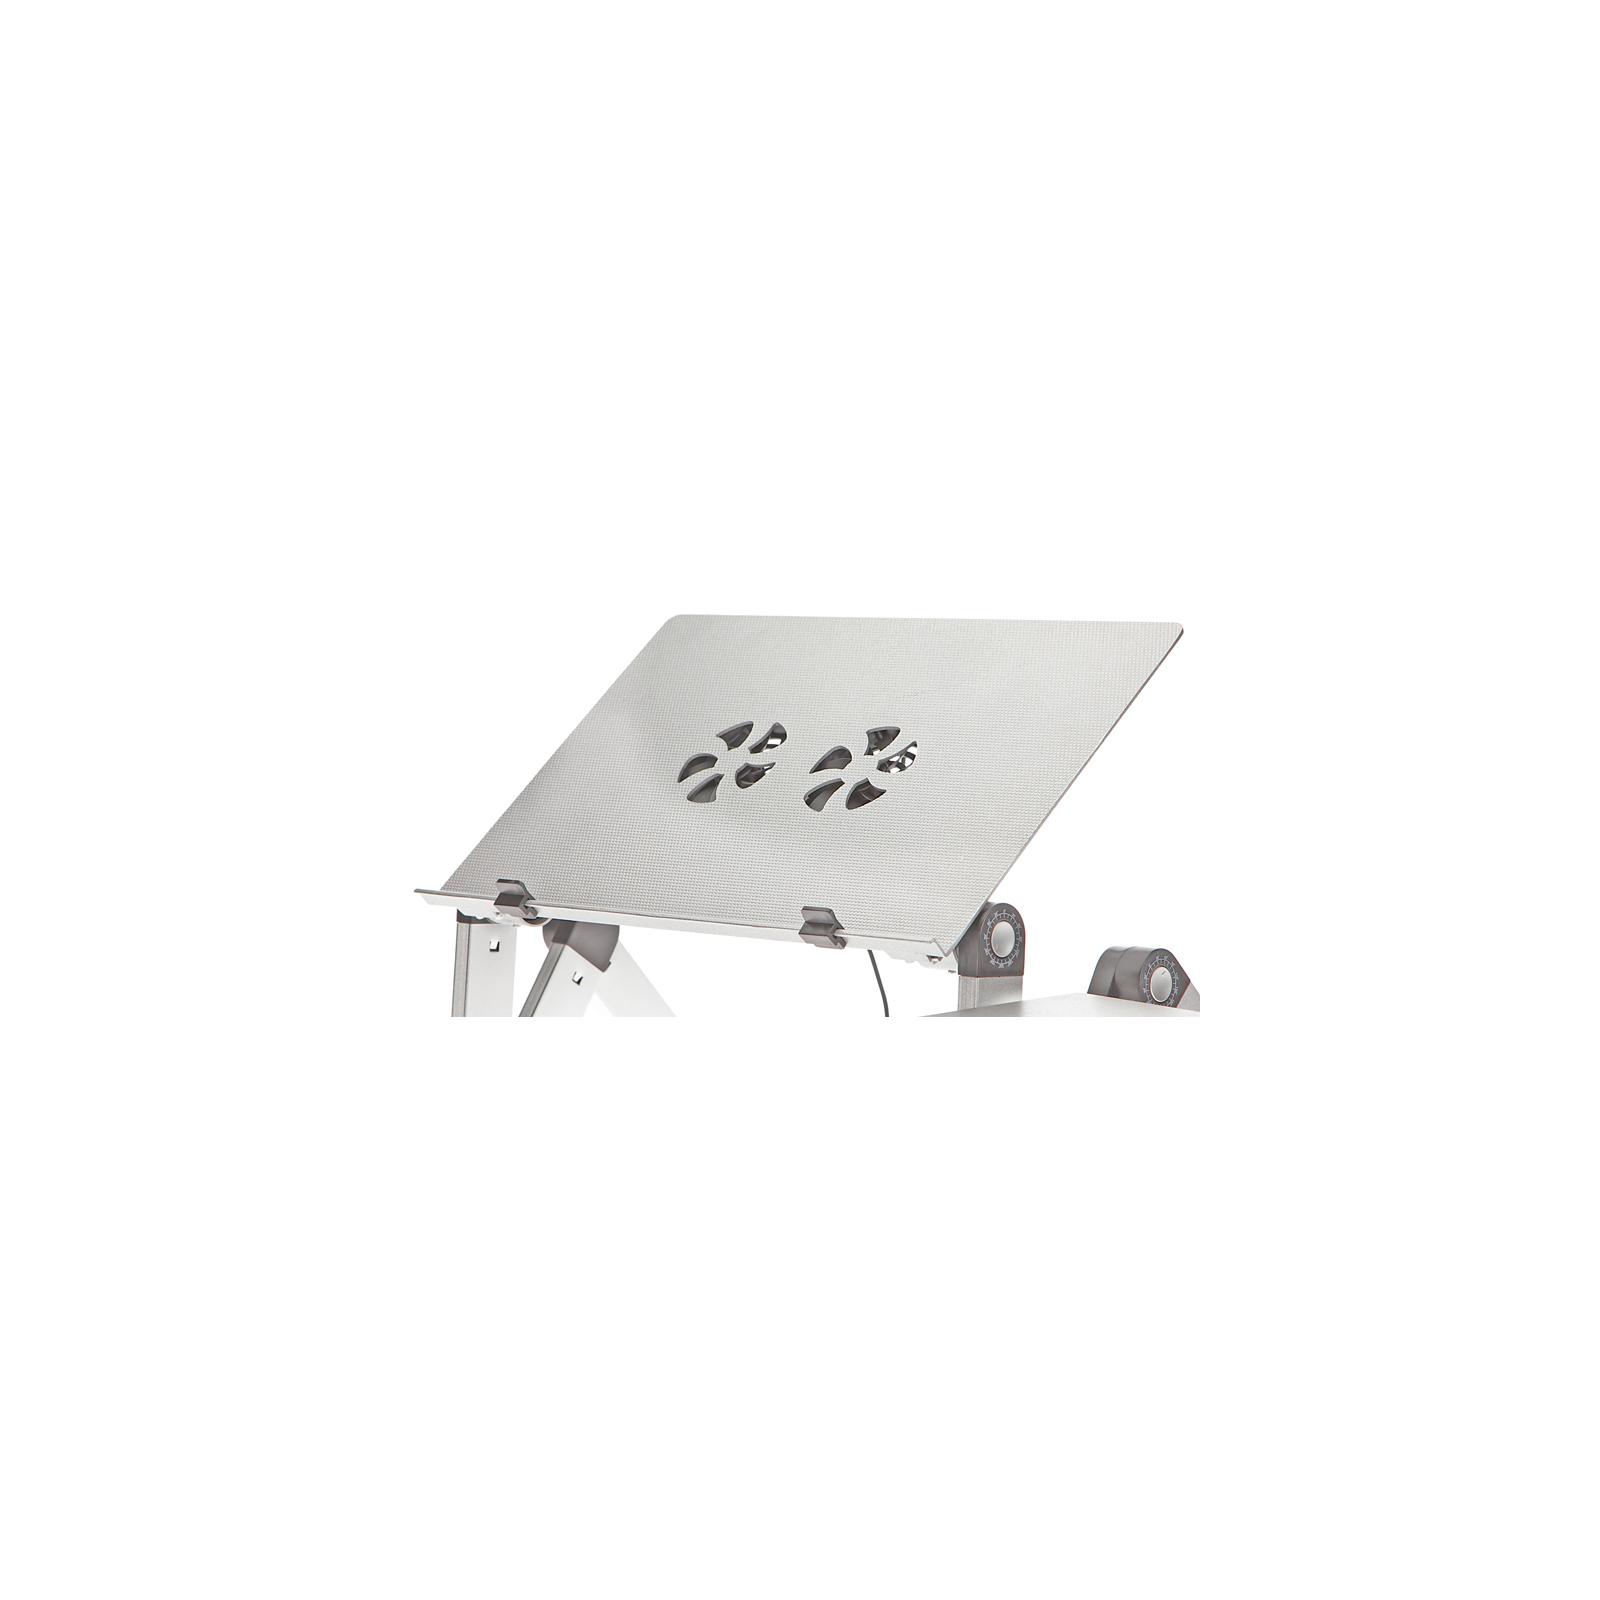 Подставка для ноутбука UFT Sprinter T6 Silver изображение 3